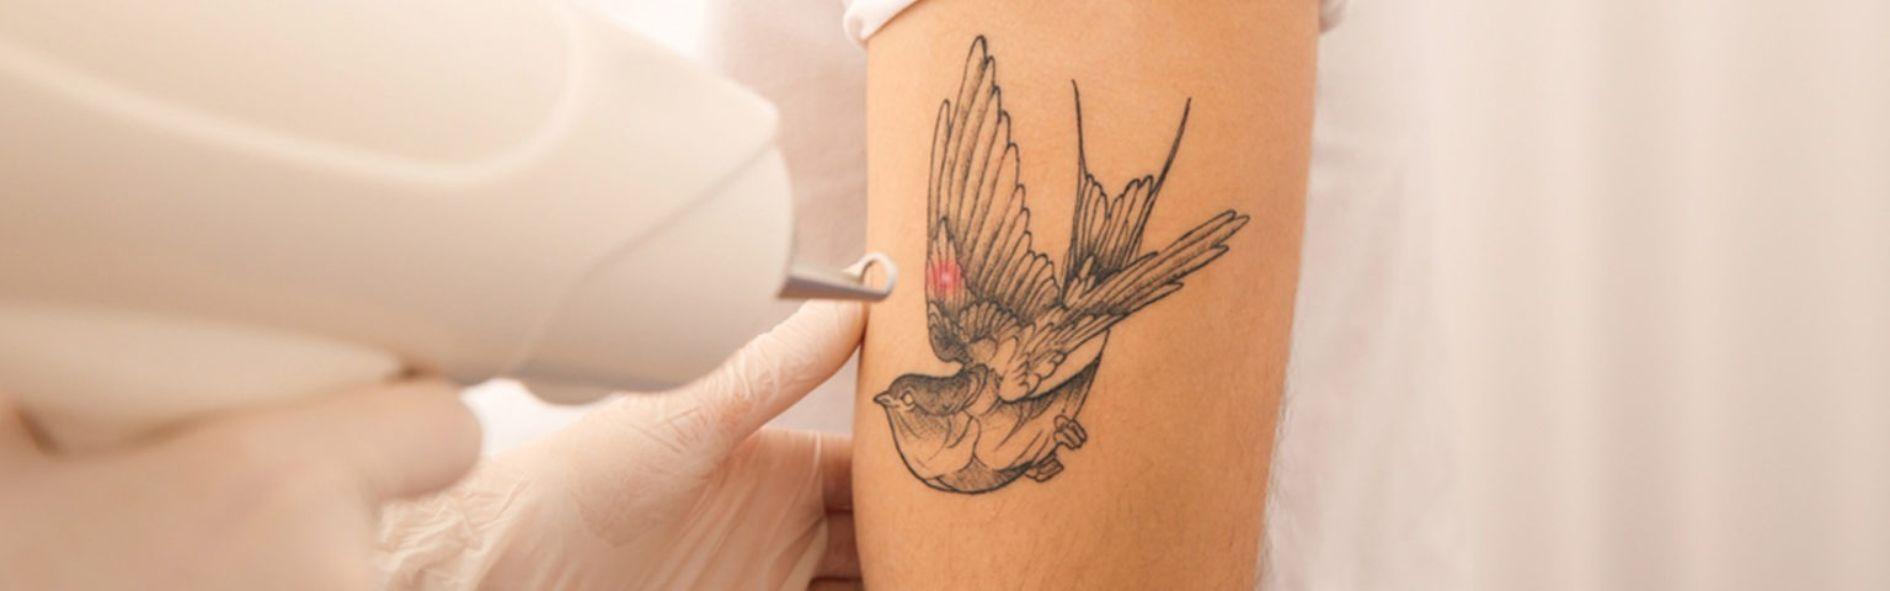 Descubre la eliminación de tatuajes y todo lo que debes tener en cuenta antes del proceso